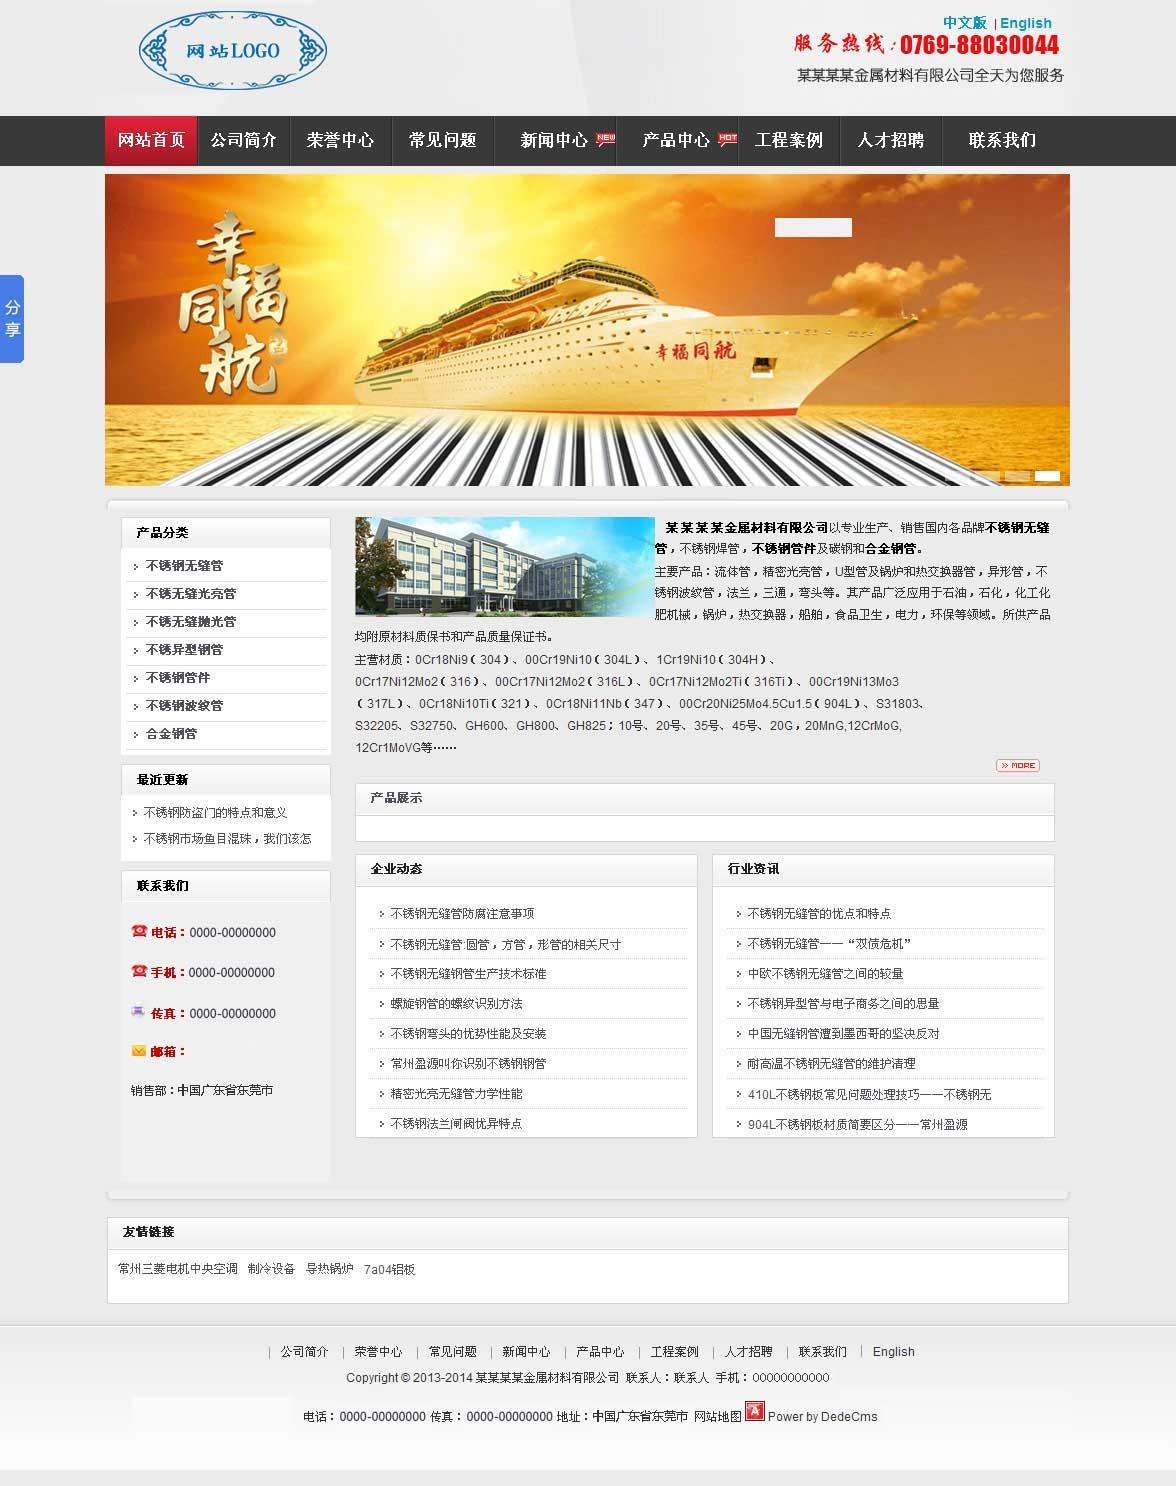 不锈钢金属网站模板(中英文双模板)